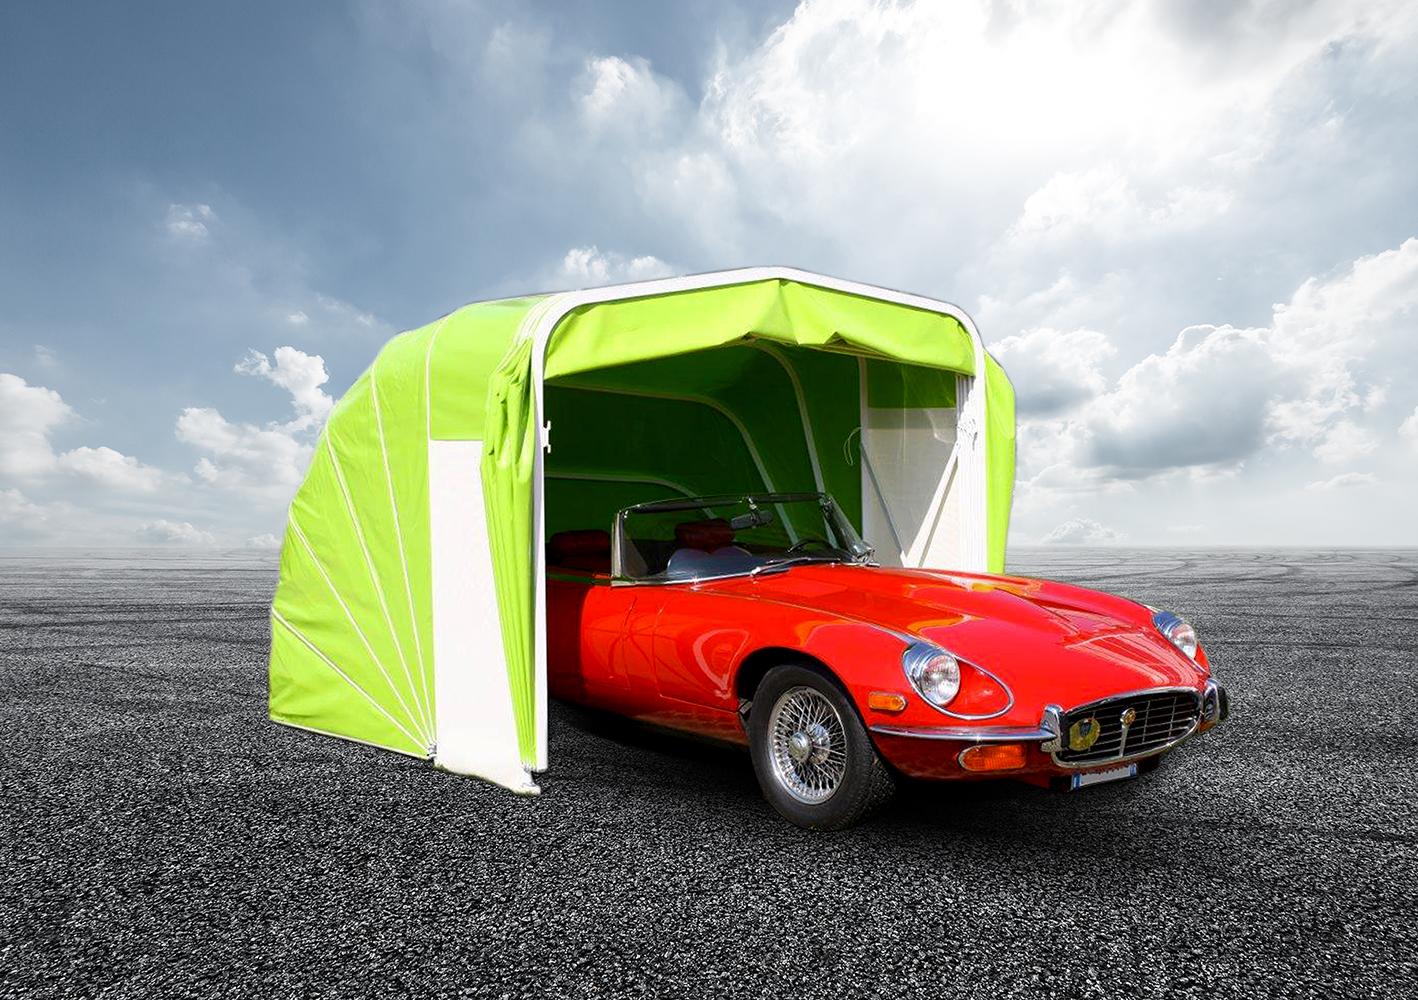 Klappgarage grün, platzsparend, mit Auto